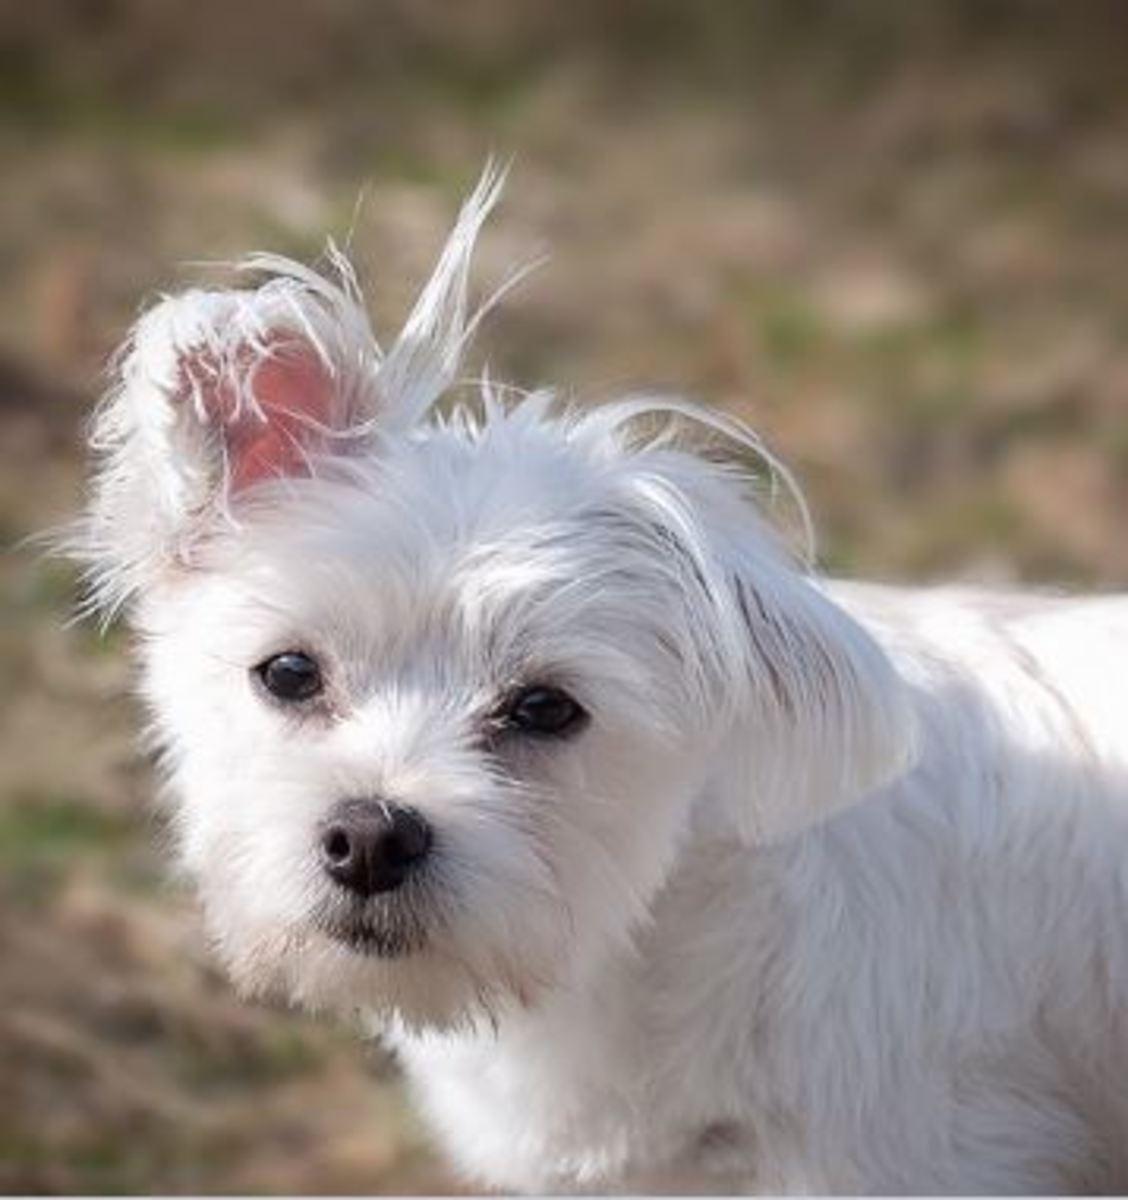 Ear Drops Causing Deafness in Dogs